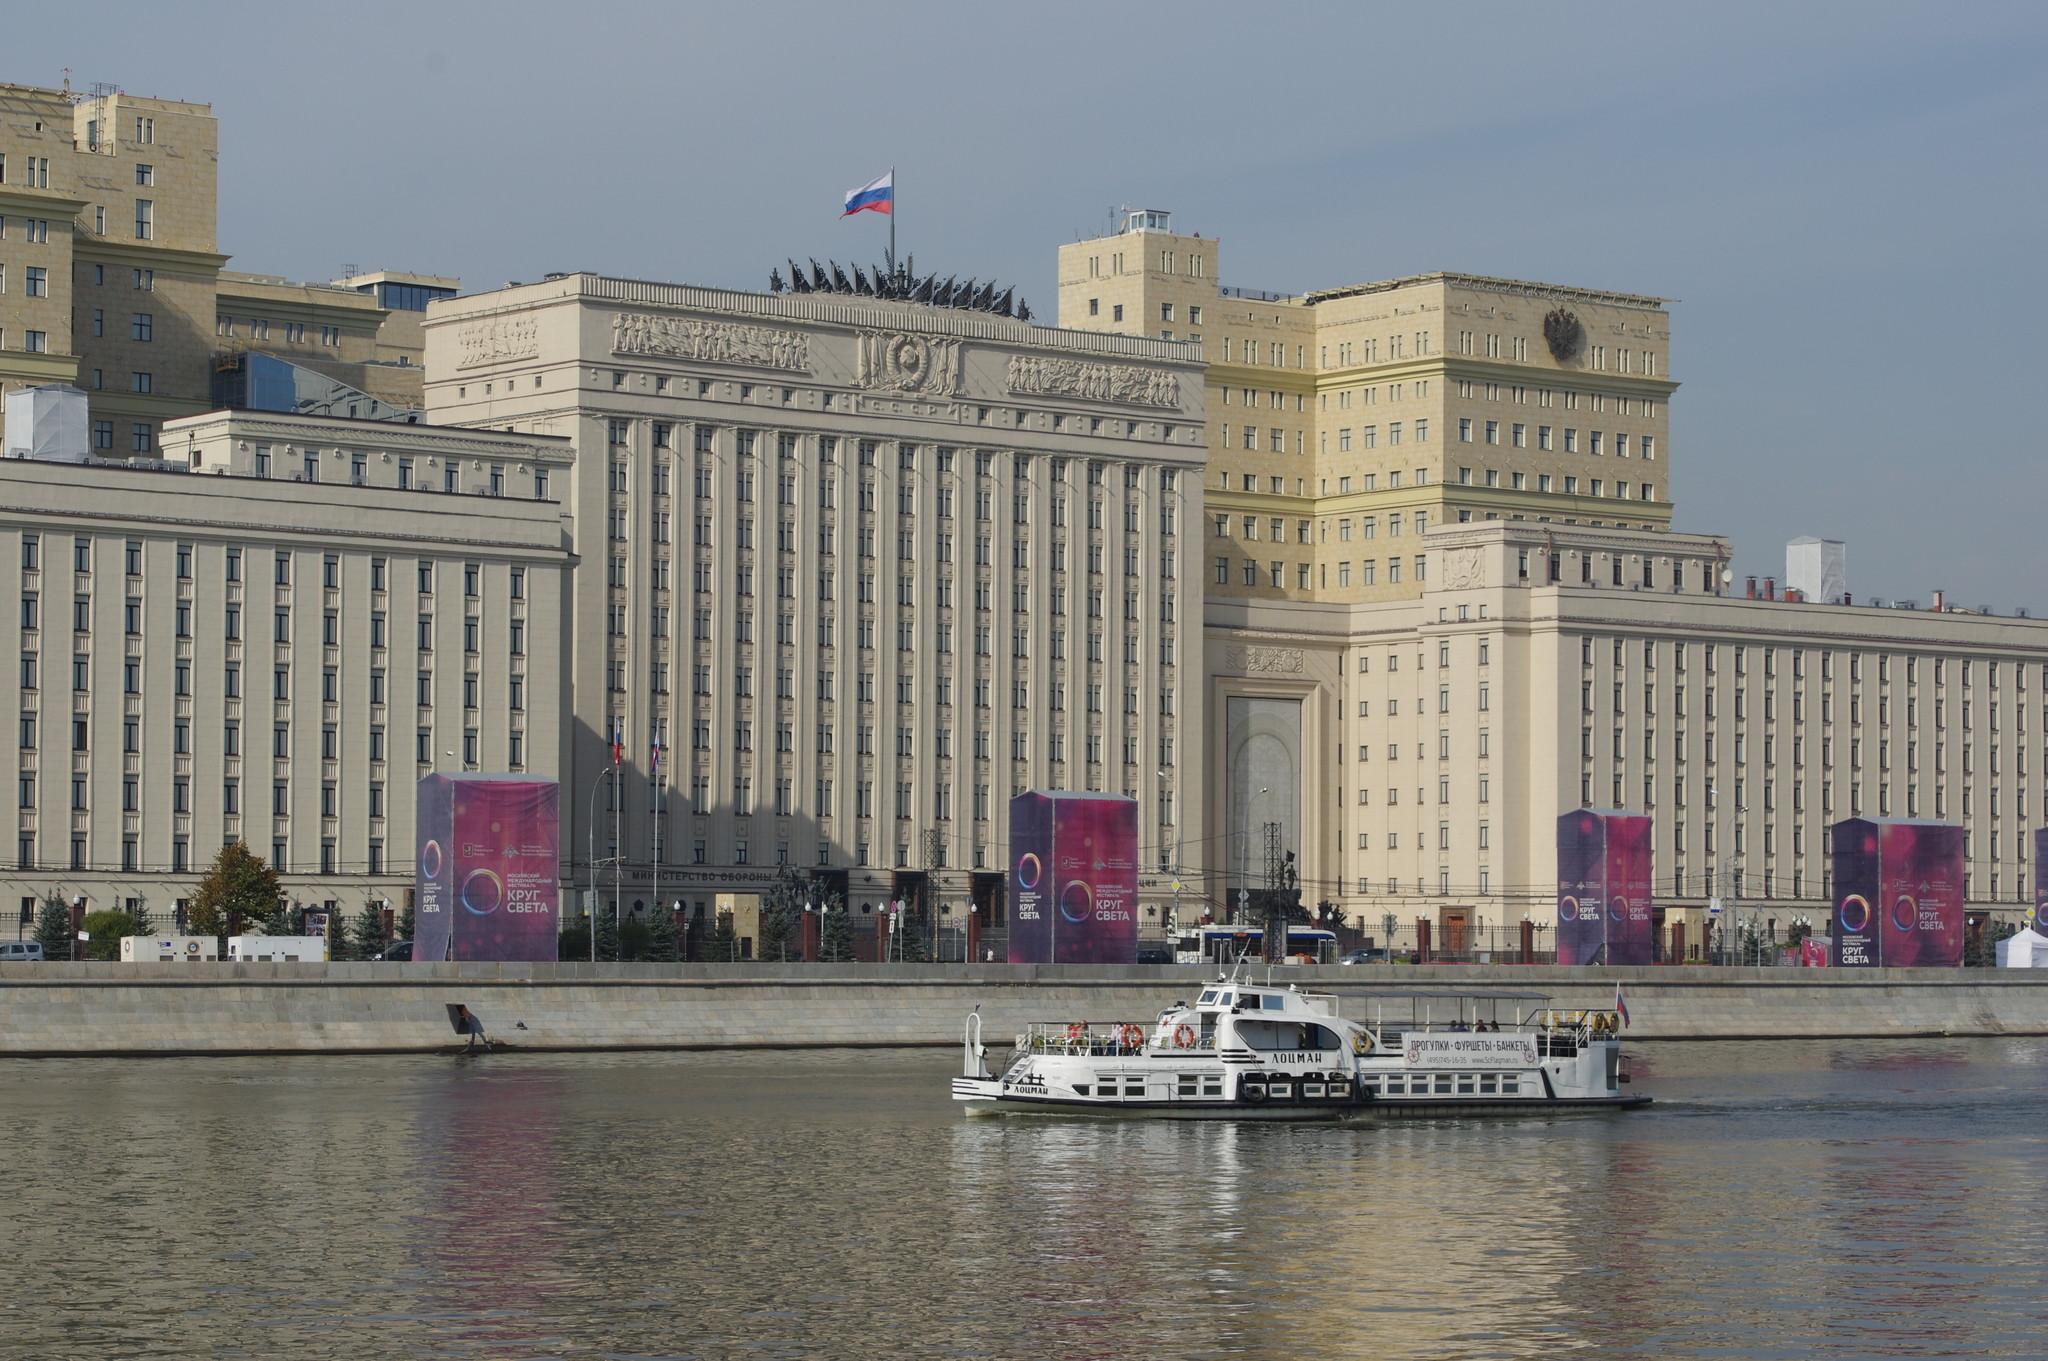 Прогулочный теплоход «Лоцман» был построен в 1957 году на Московском судостроительном заводе. Теплоход относится к судам типа «Москвич»